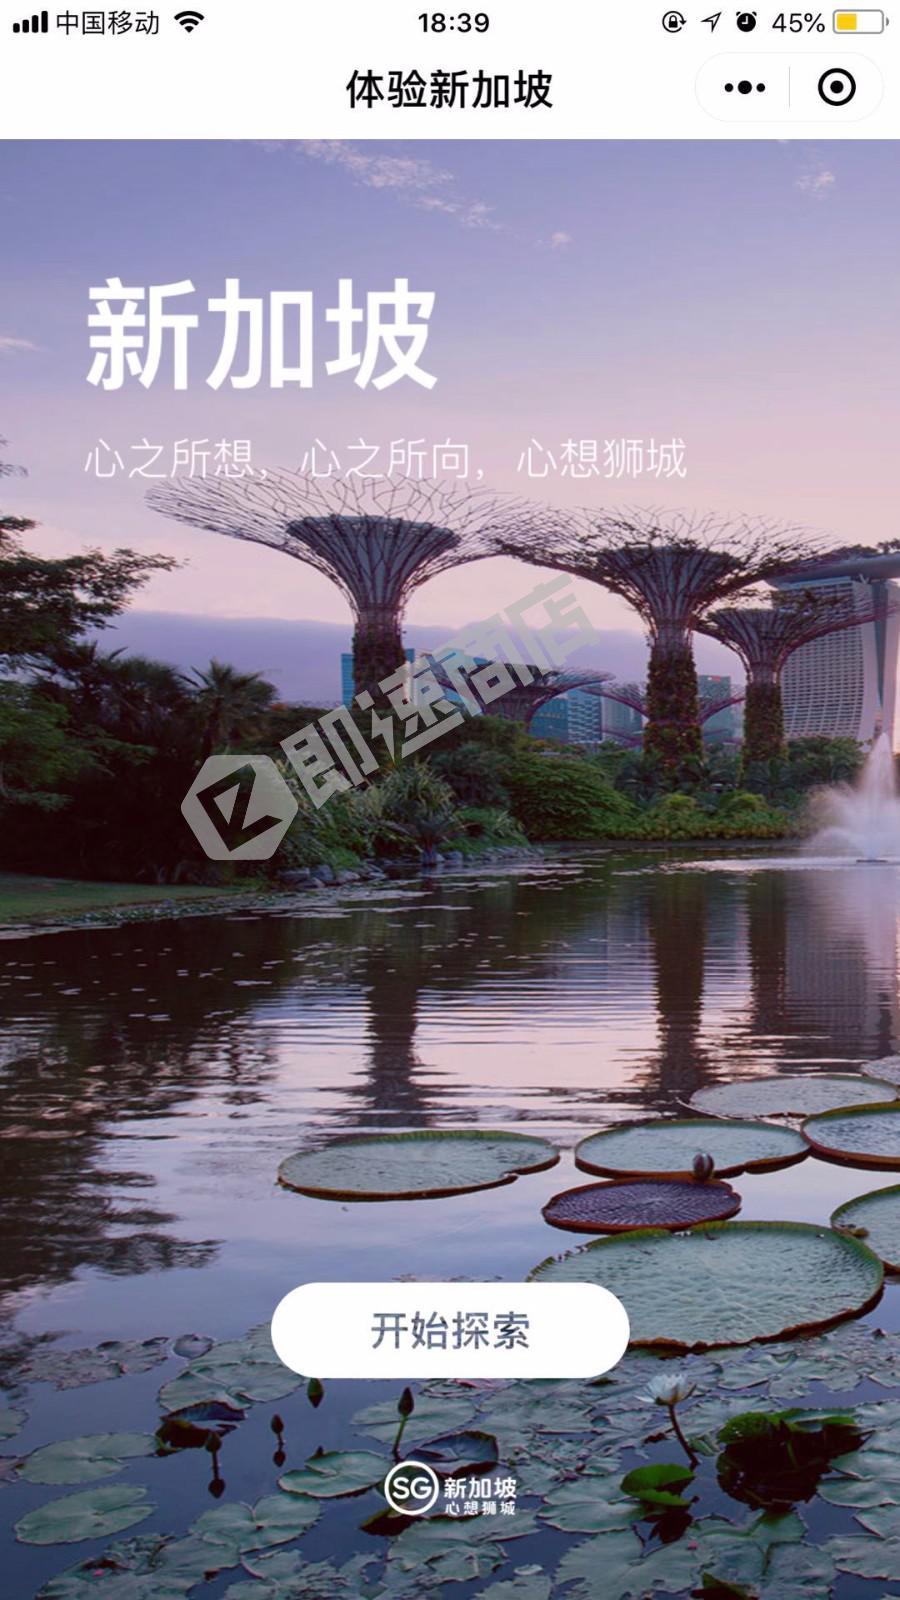 体验新加坡小程序列表页截图